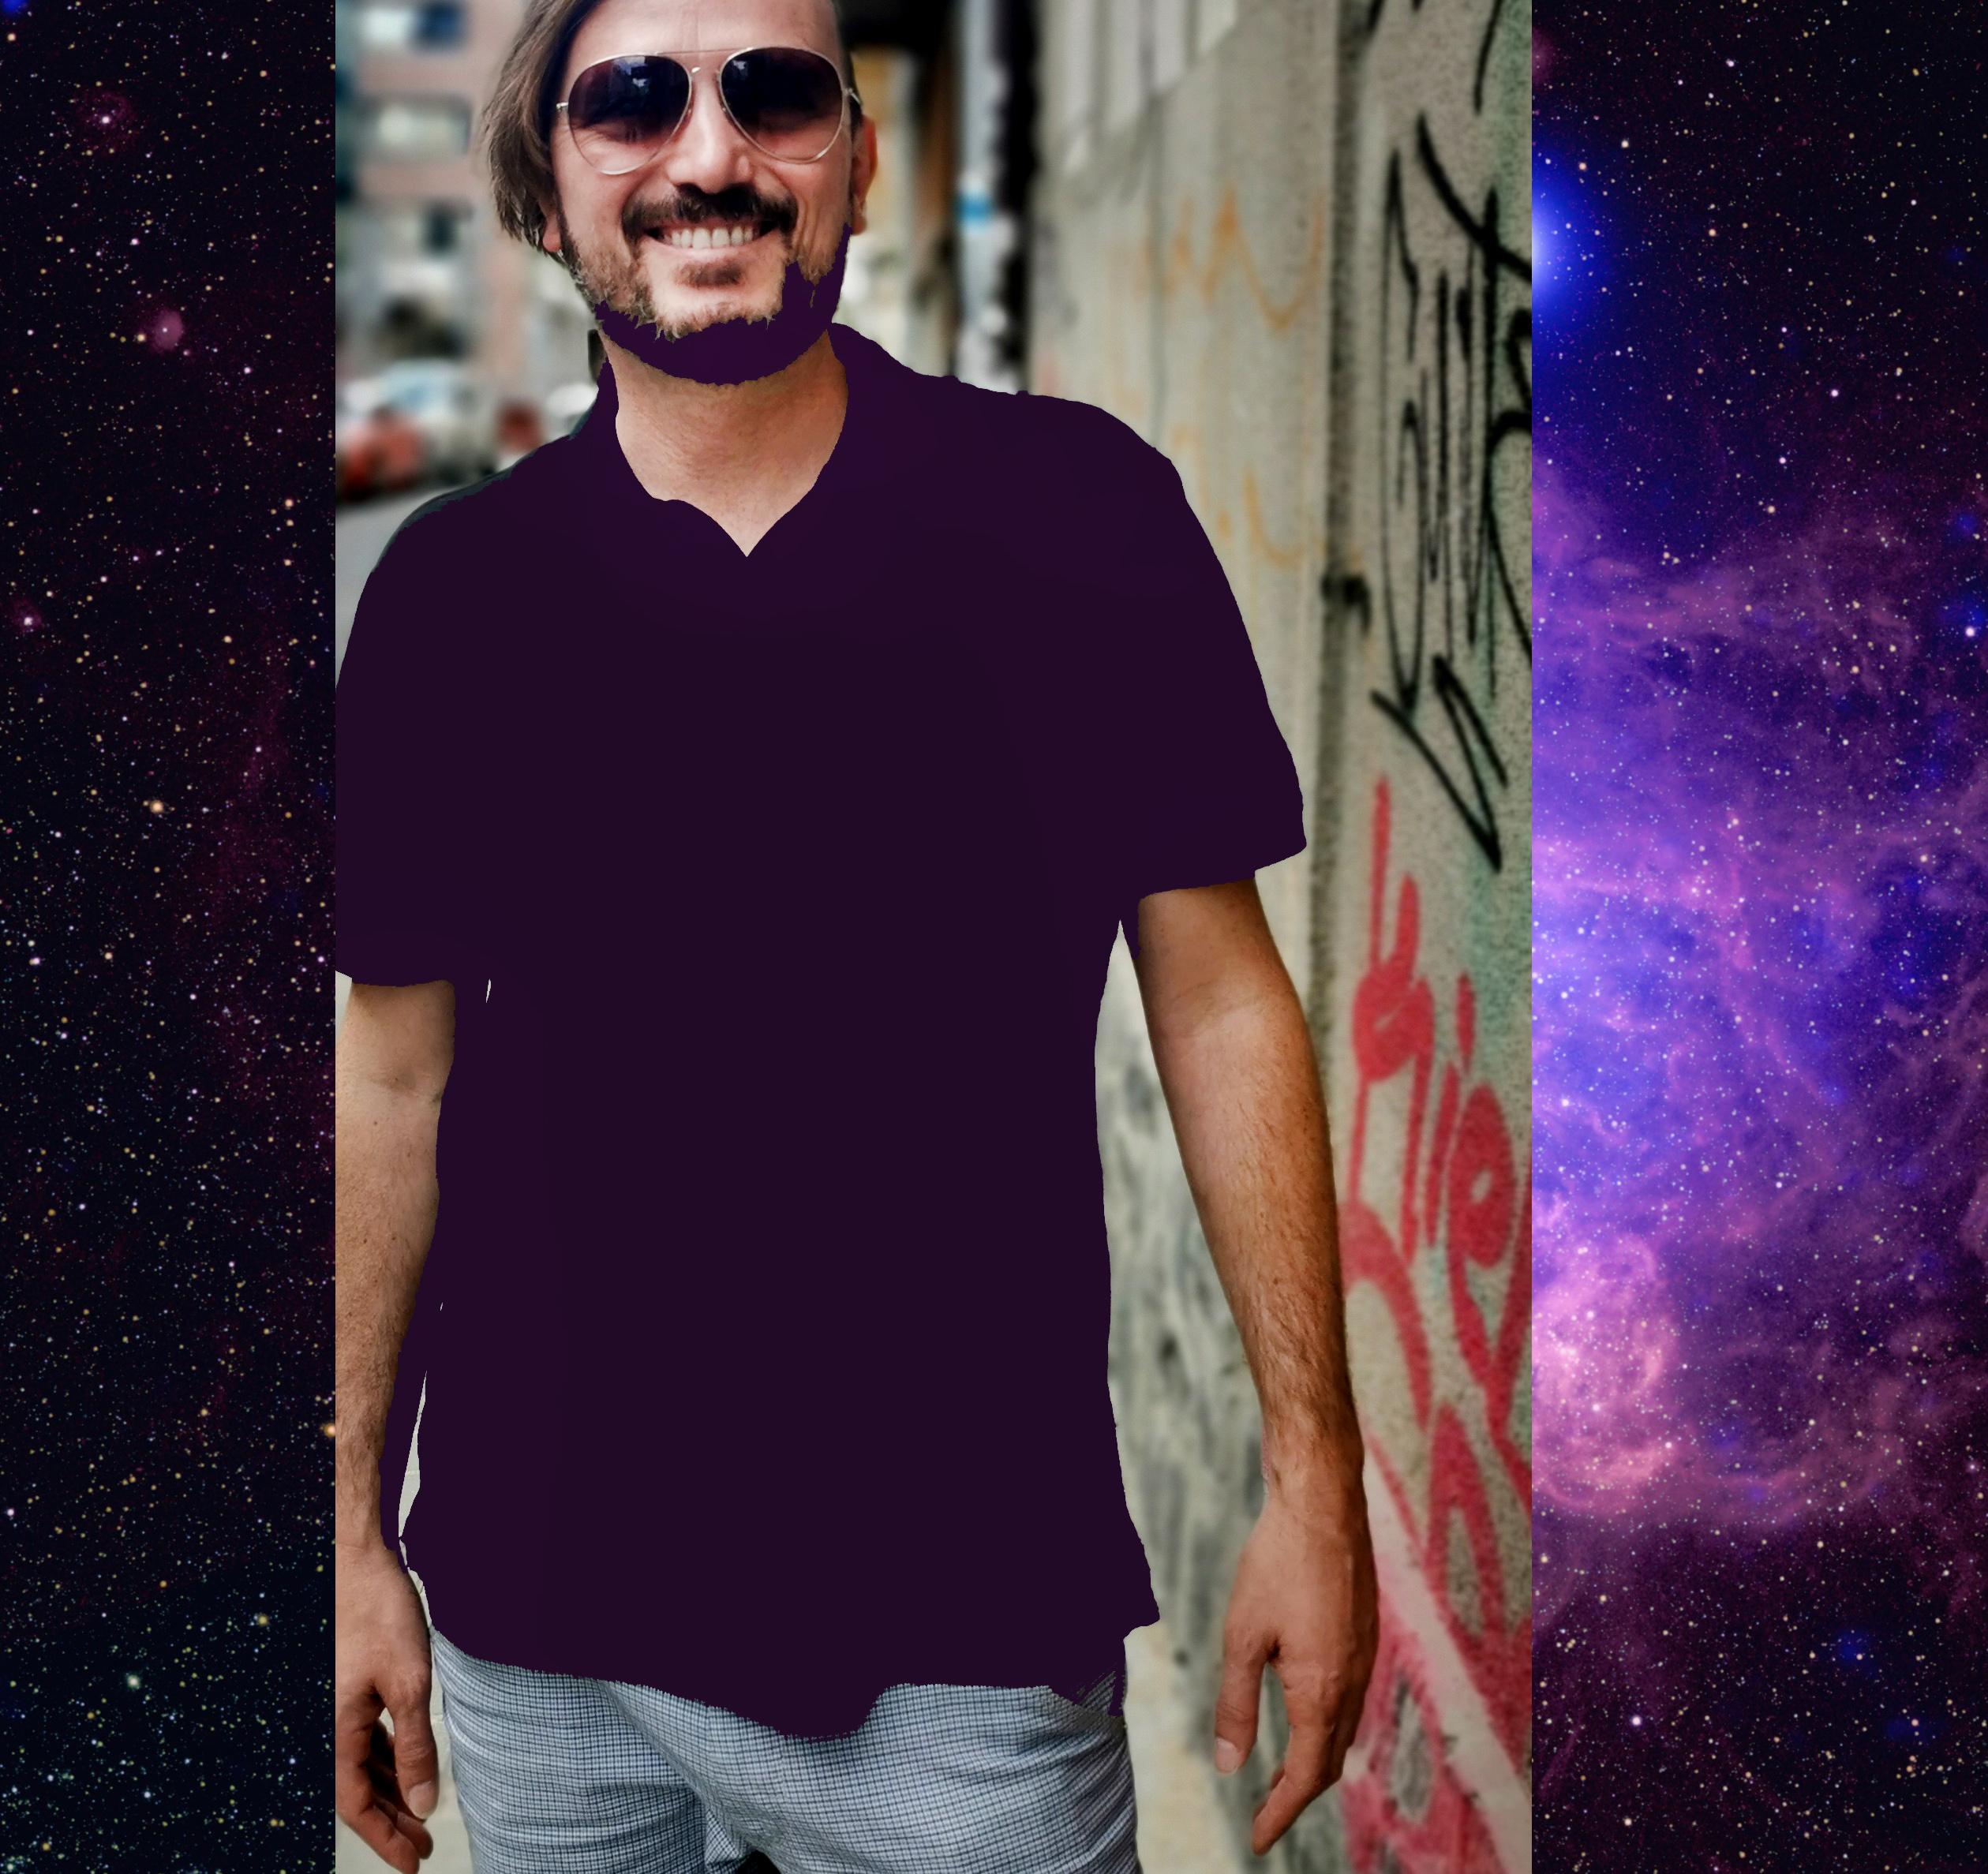 Прясно разговорихме за вас: Little Alien a.k.a. Мирослав Иванов